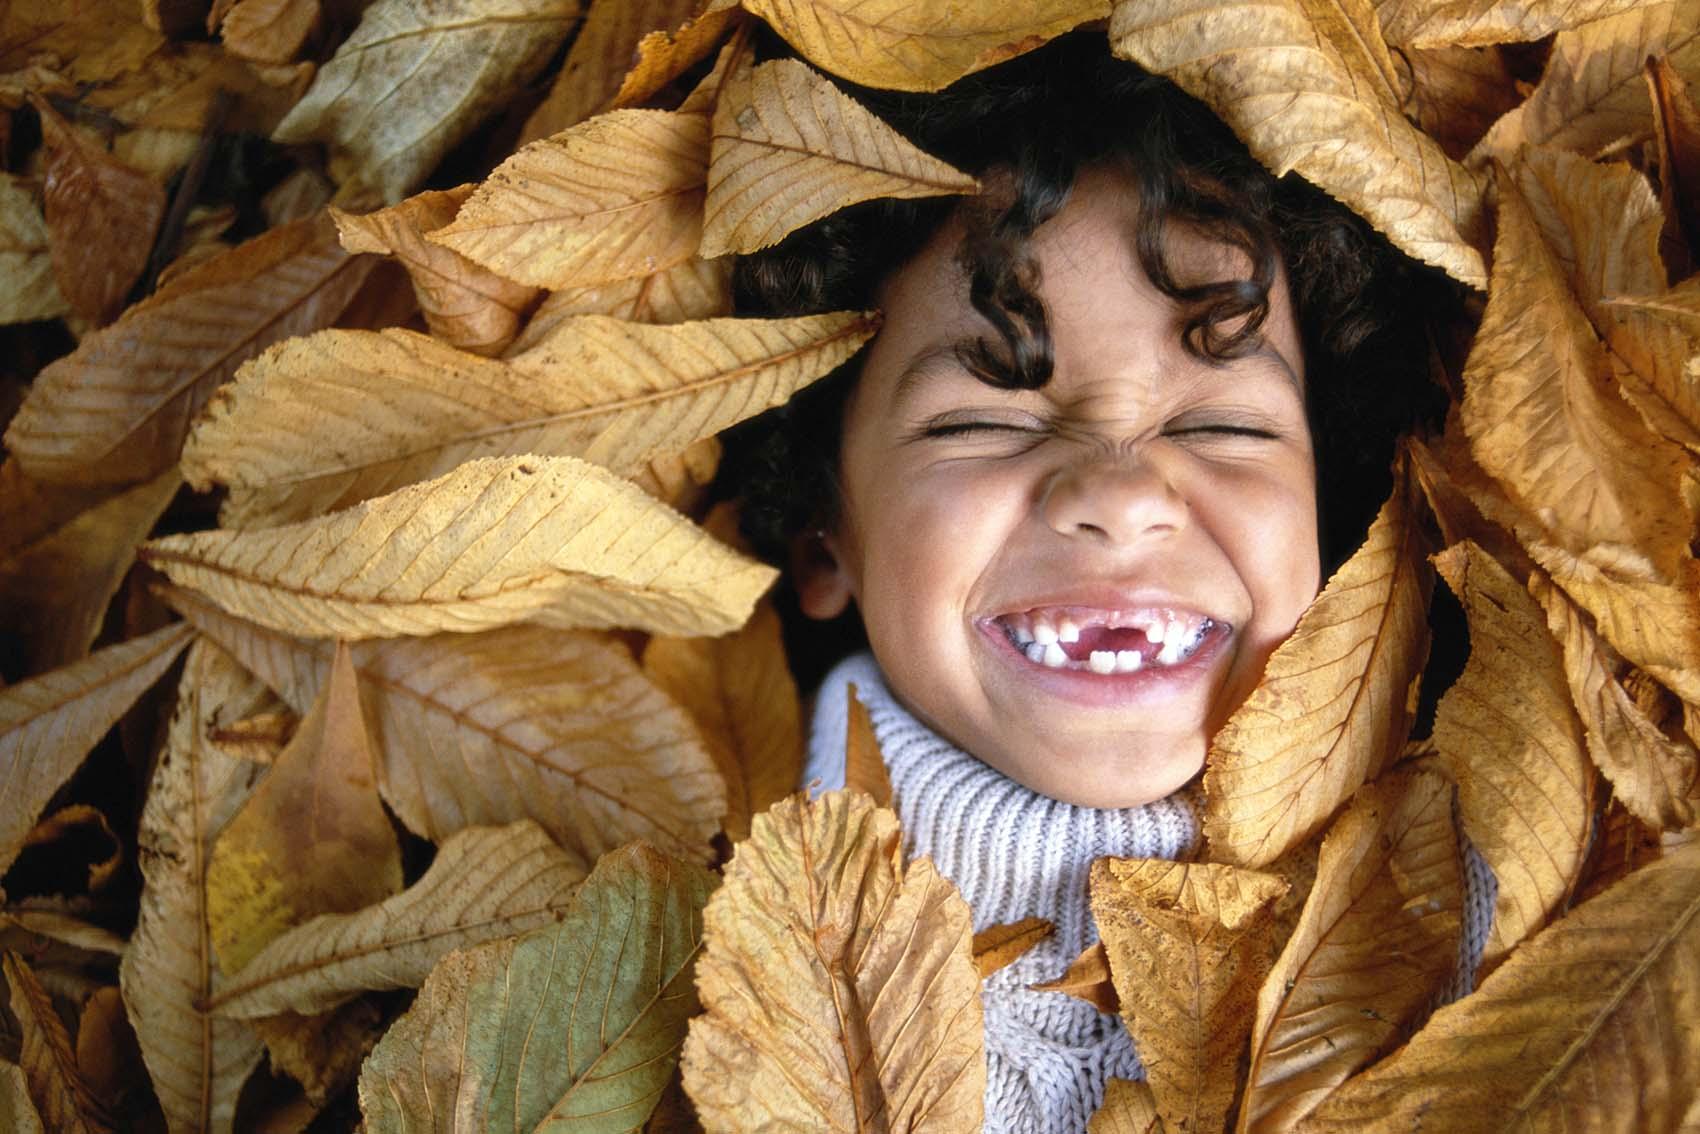 Spielen an der frischen Luft: 7 Spiele für draußen